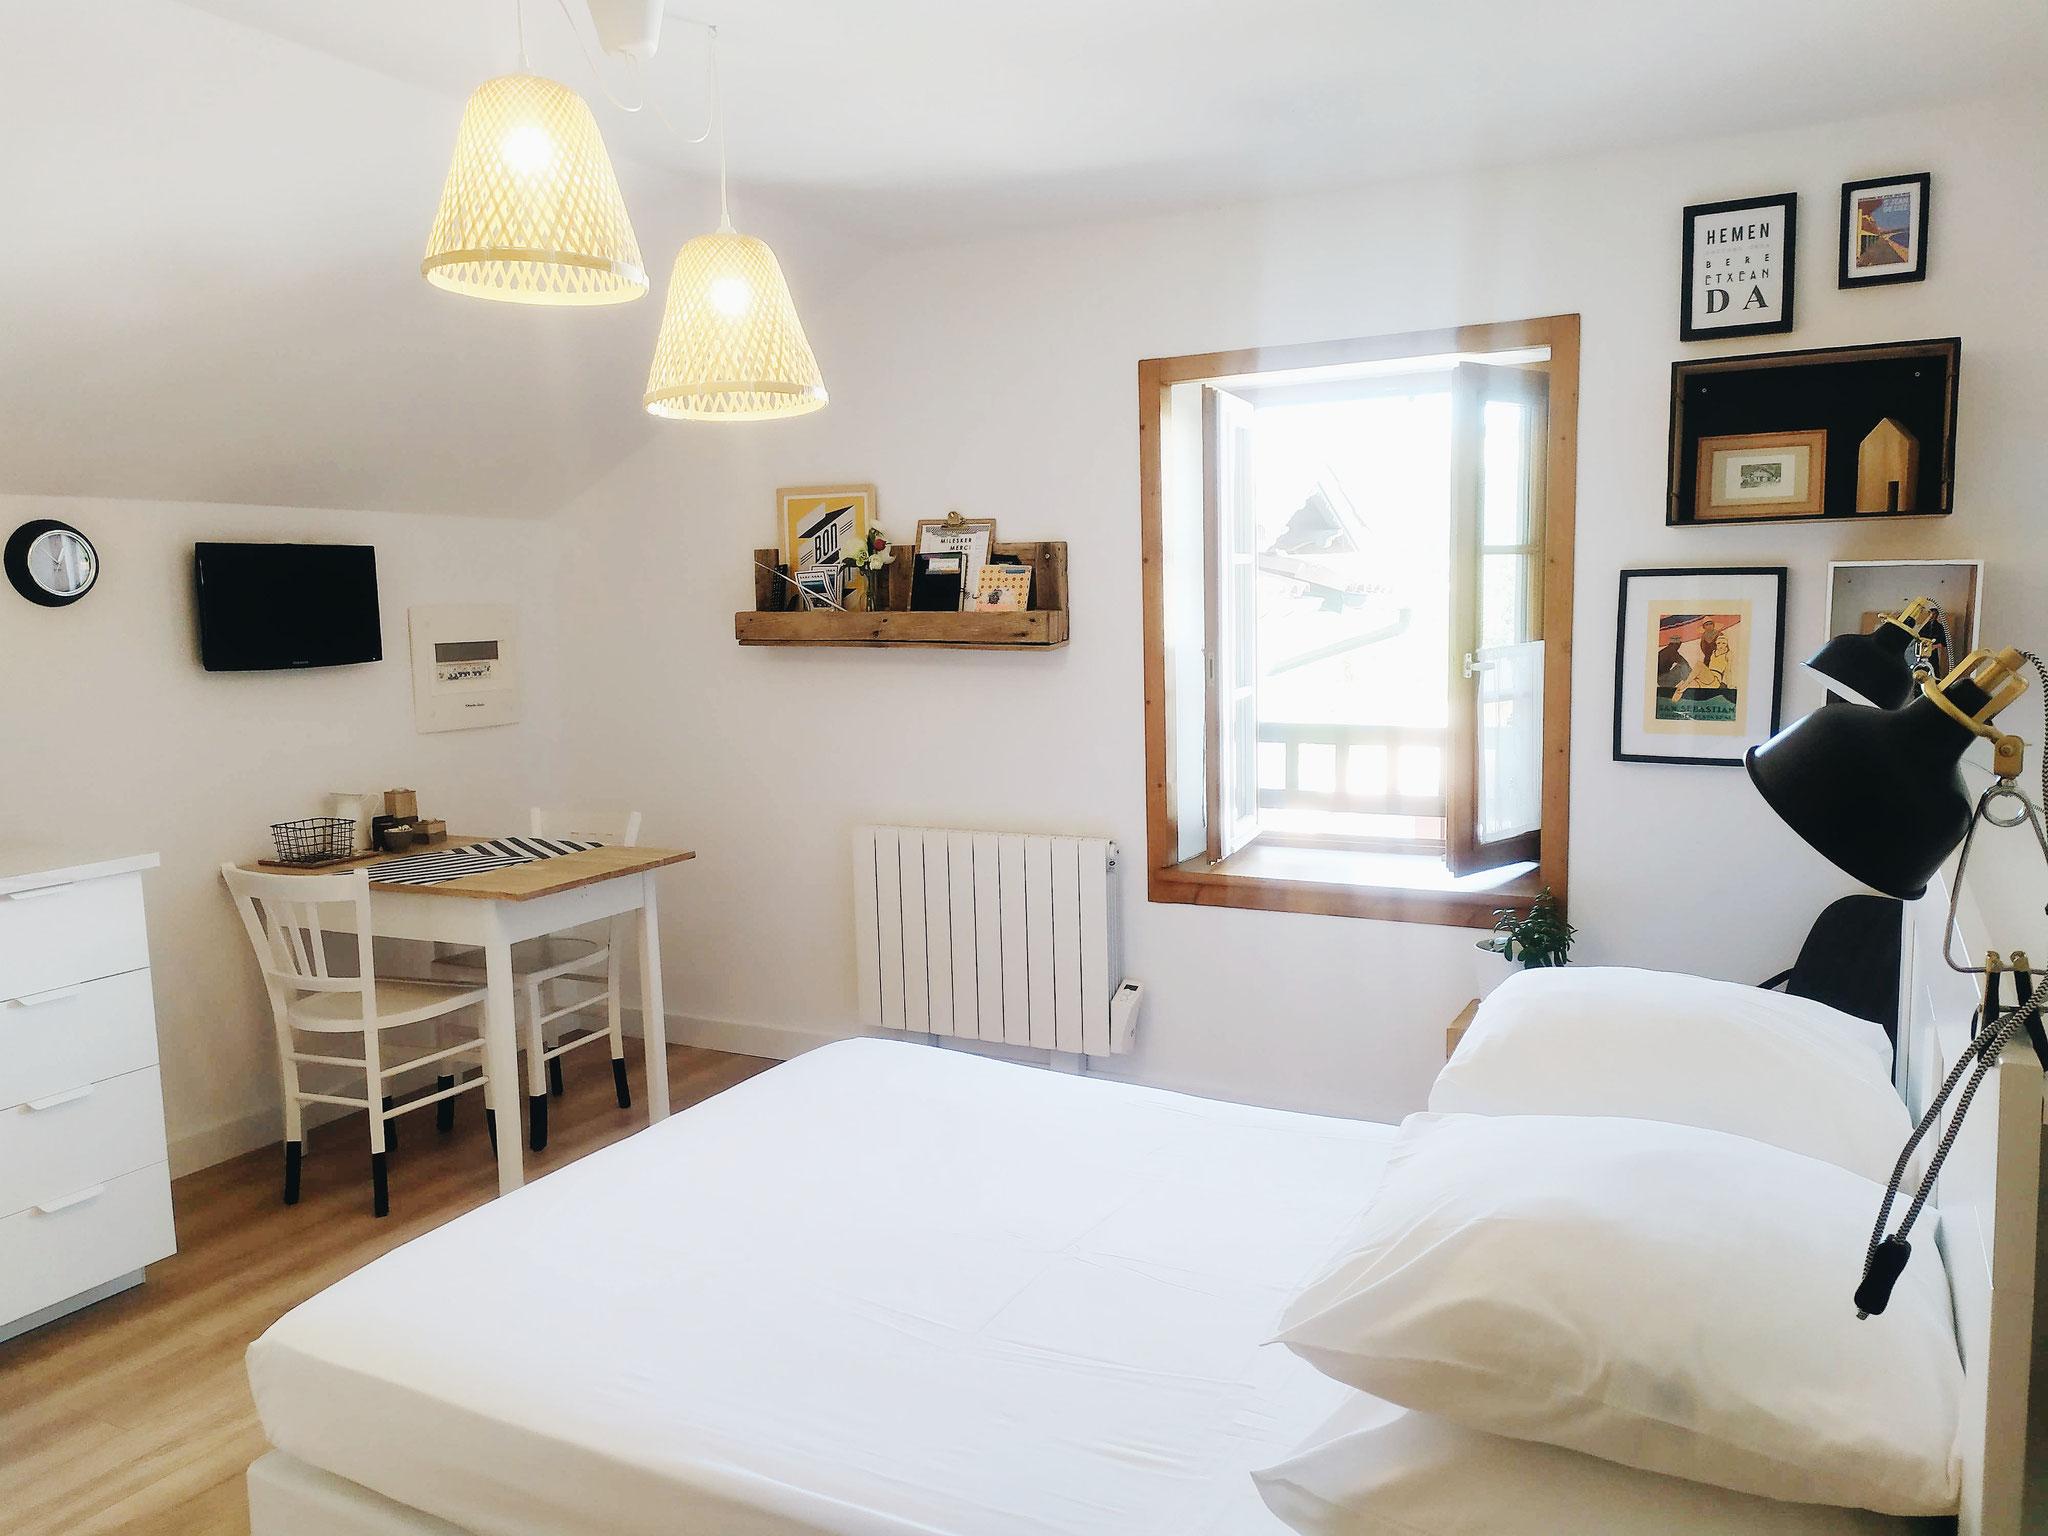 Haitzekoa - studio de vacances au pays basque - maison garroenea - sare